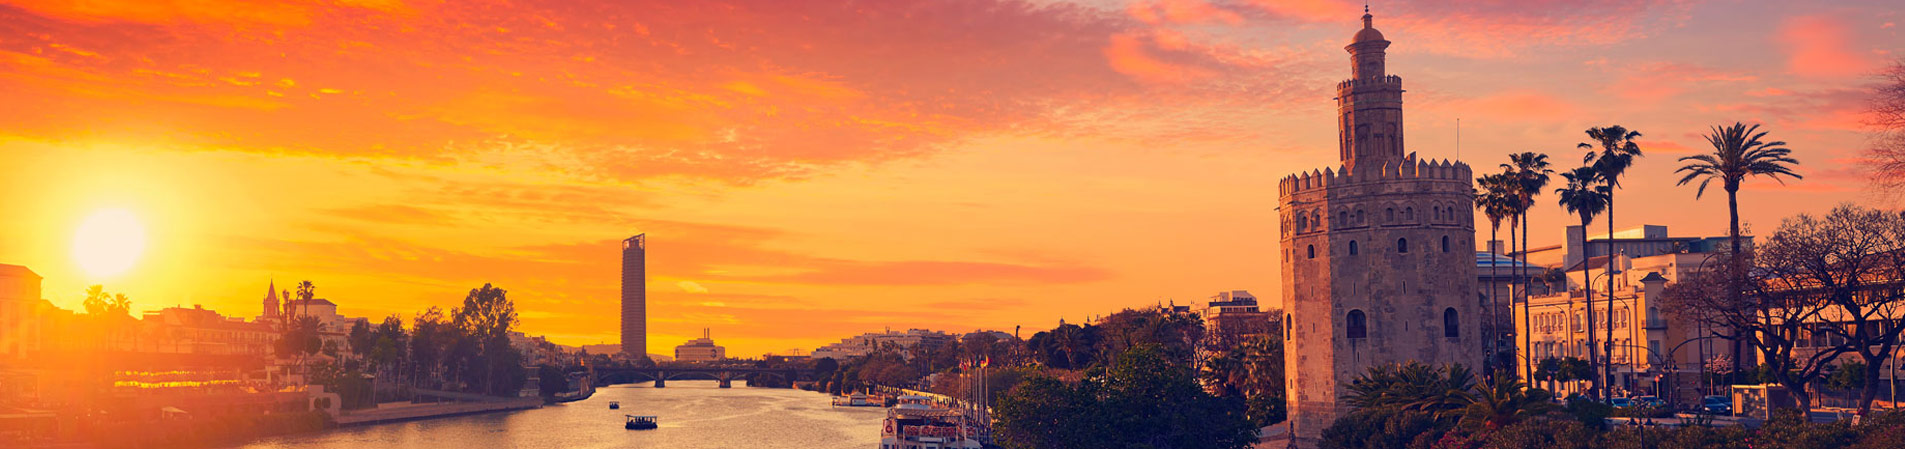 جاهای دیدنی اسپانیا ، راهنمای سفر به خانهی امن رنگ،شور و موسیقی